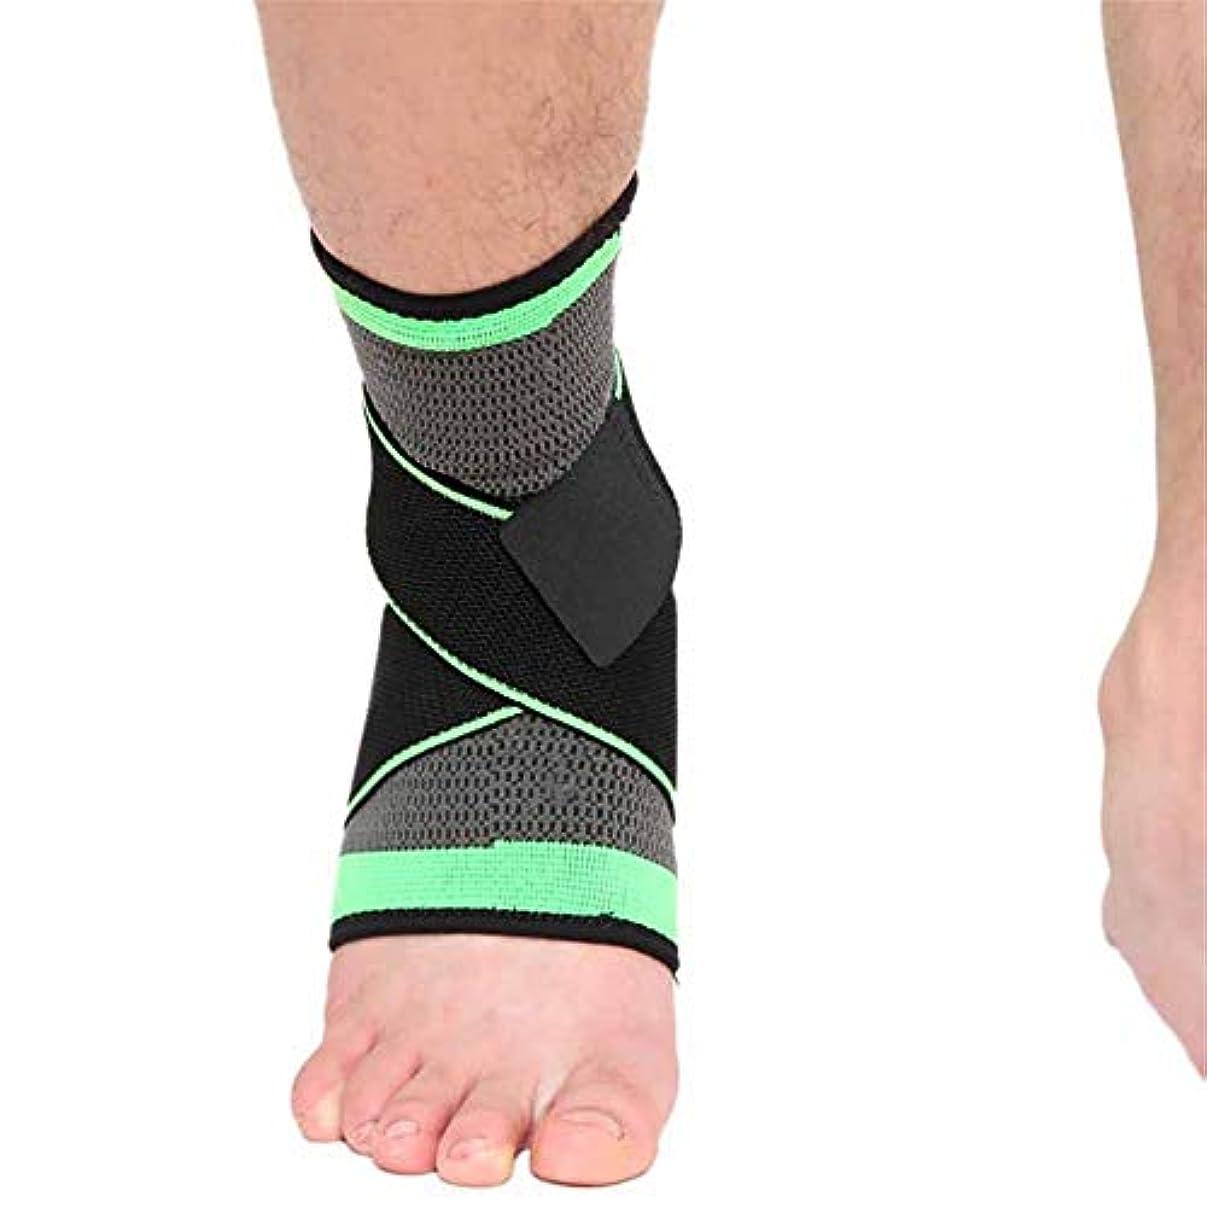 ガジュマルランチョンあごひげ足のかかとの袖の覆いの保護装置、屋外の屋内適性の伸縮性がある通気性のフィートカバー360度は足首サポートを保護します